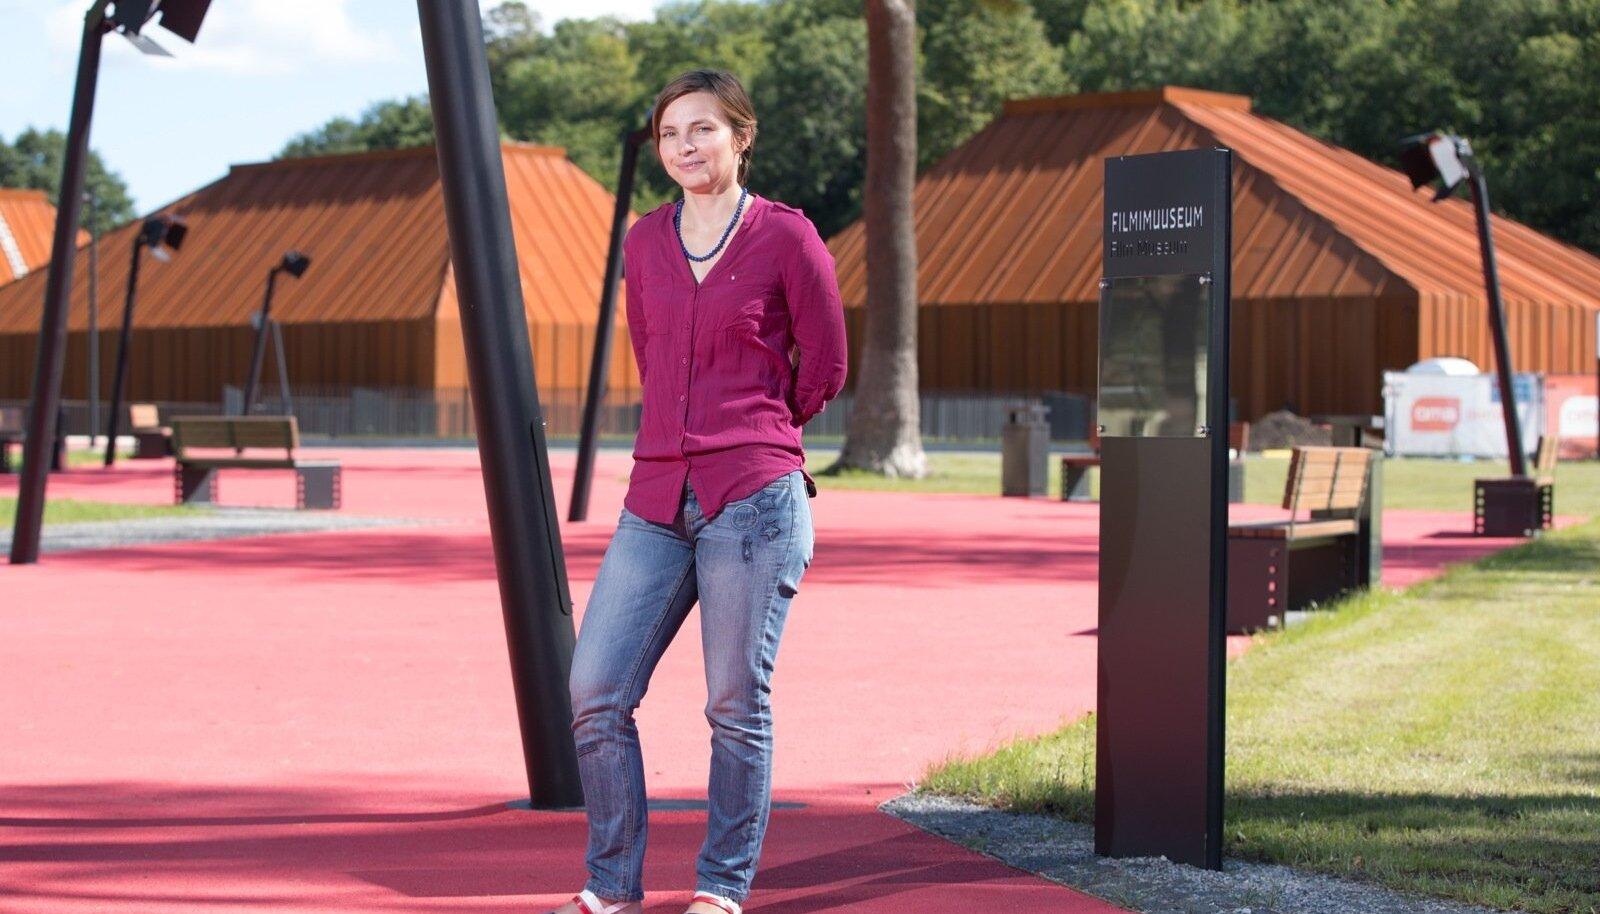 Maria Mang ootab juba külastajaid ja oktoobrikuud, mil filmimuuseum ametlikult oma uksed avab. Muuseumile loodetakse sama suurt menu kui Lennusadamale ja Tallinna Teletornile.